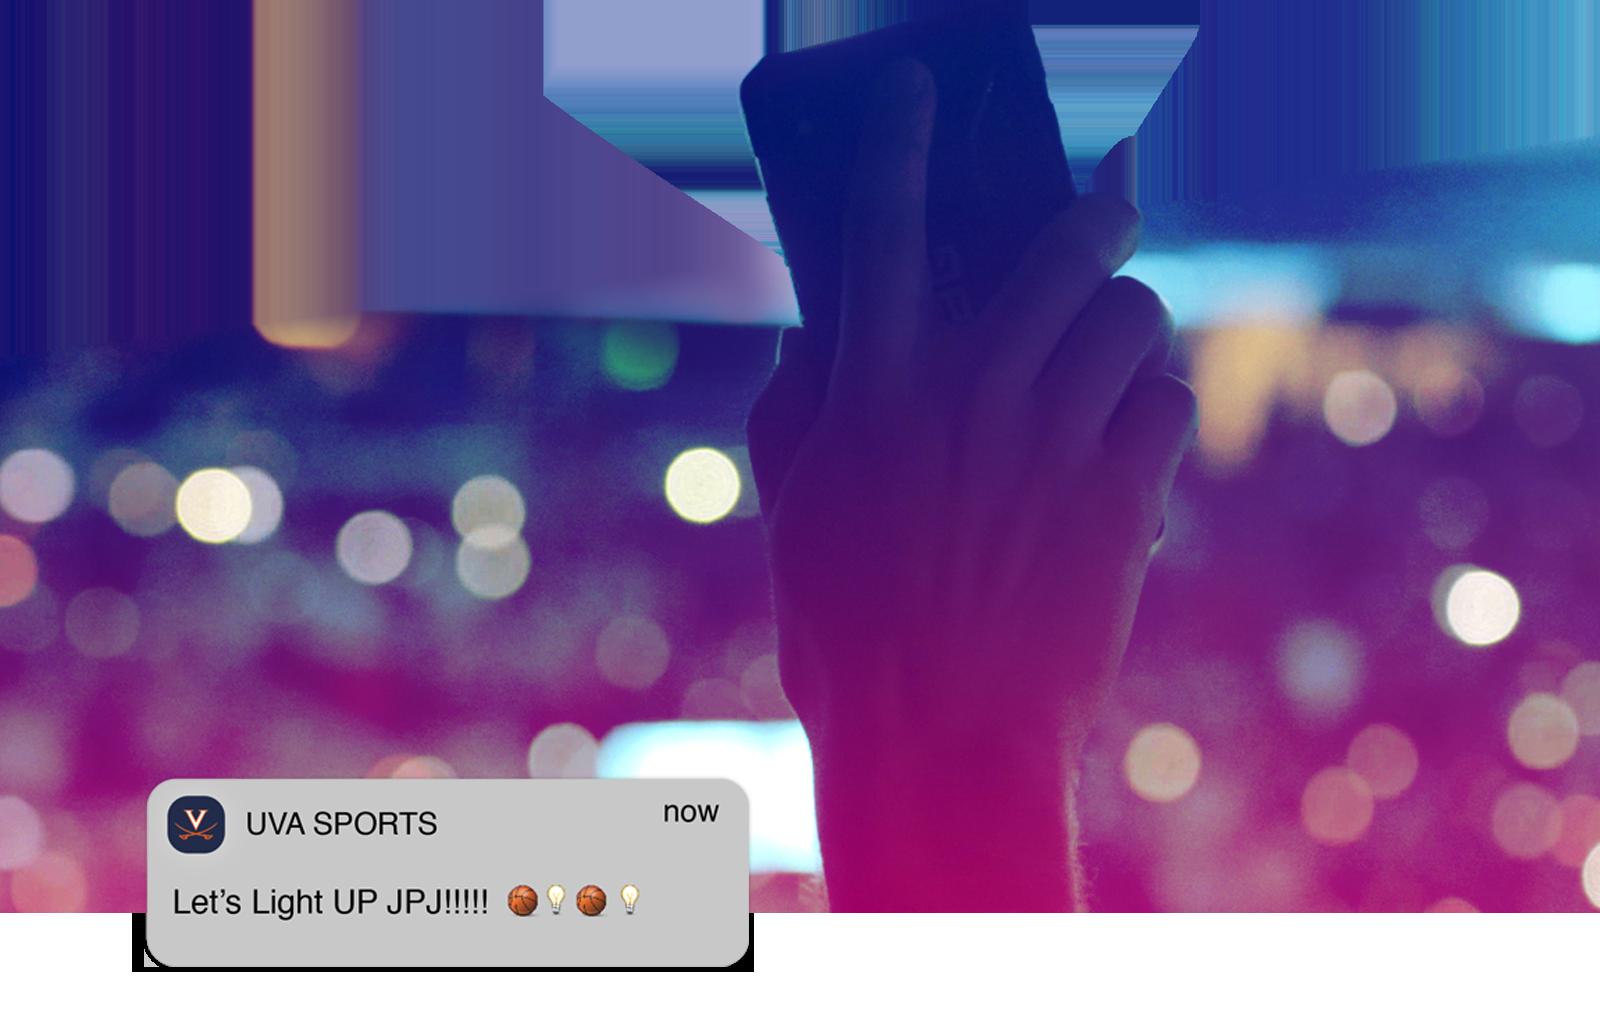 uva-light-up-graphic-left